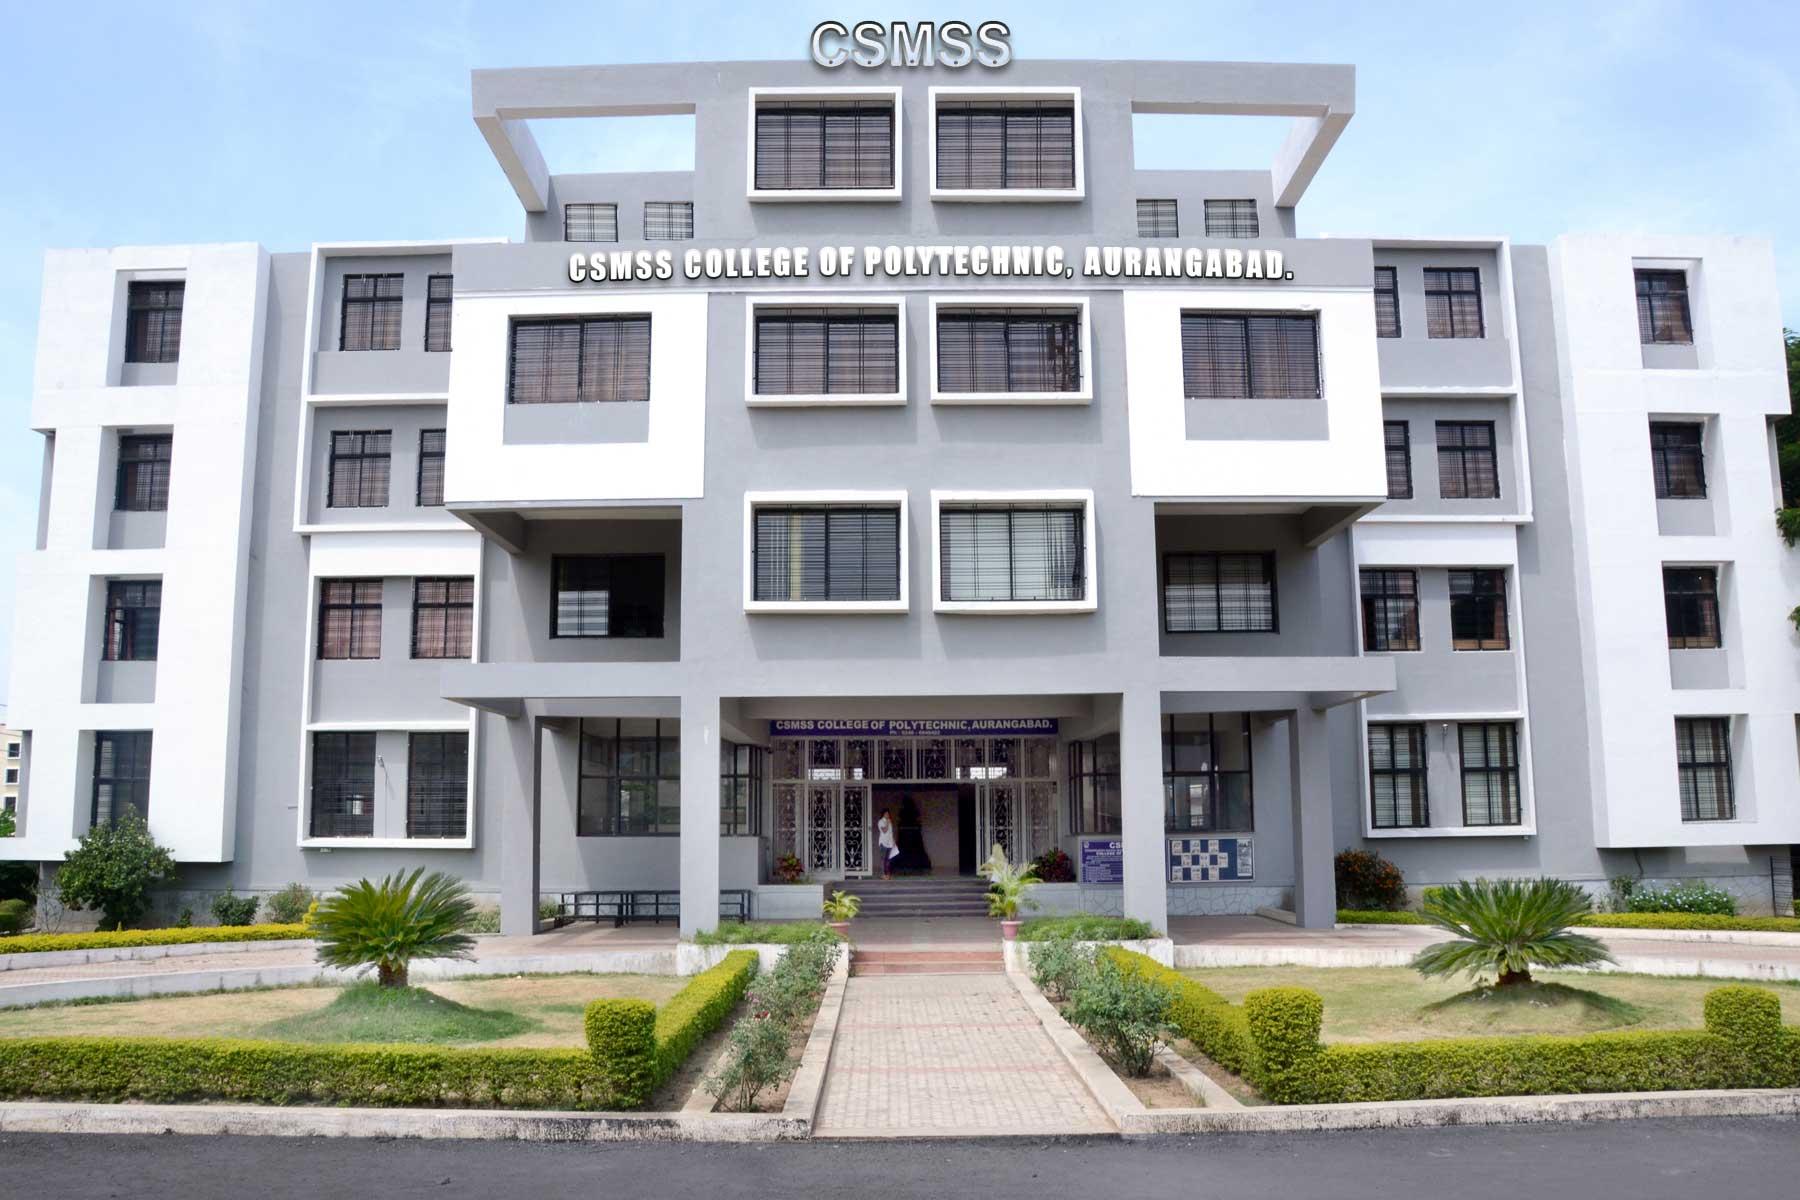 Chhatrapati Shahu Maharaj Shikshan Sanstha, College of Polytechnic